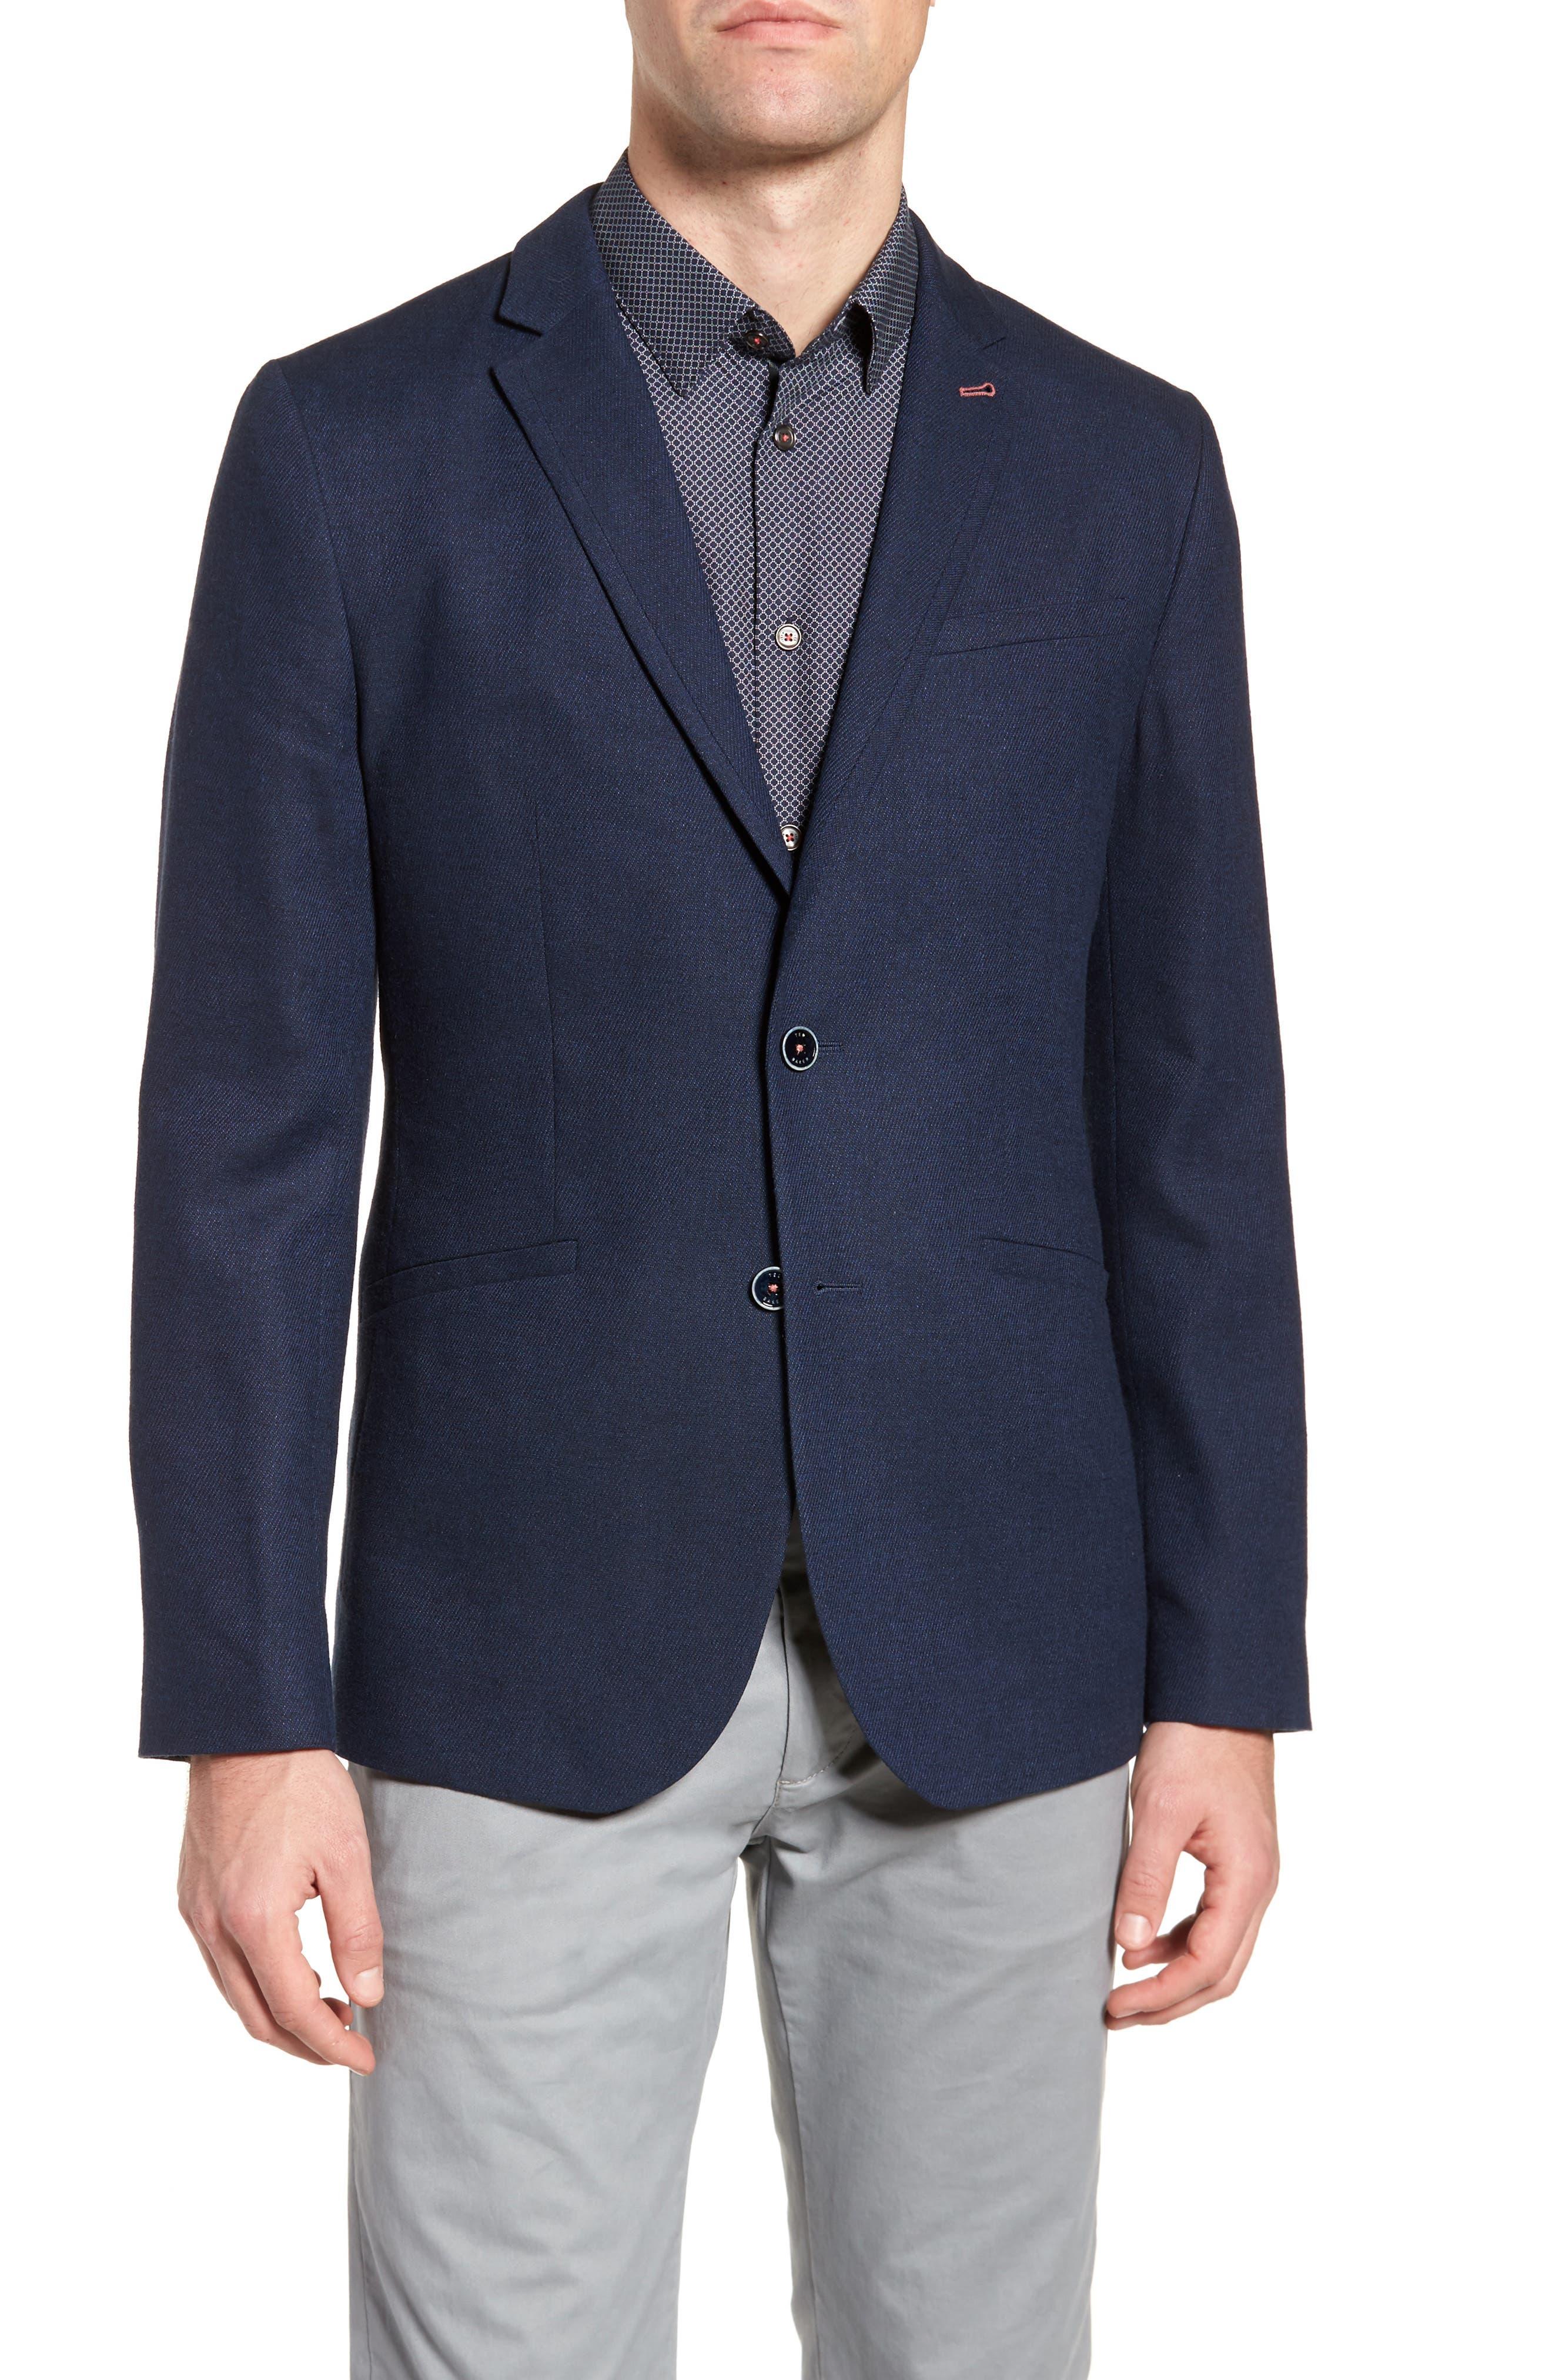 Hines Trim Fit Linen Blend Blazer,                             Main thumbnail 1, color,                             Navy